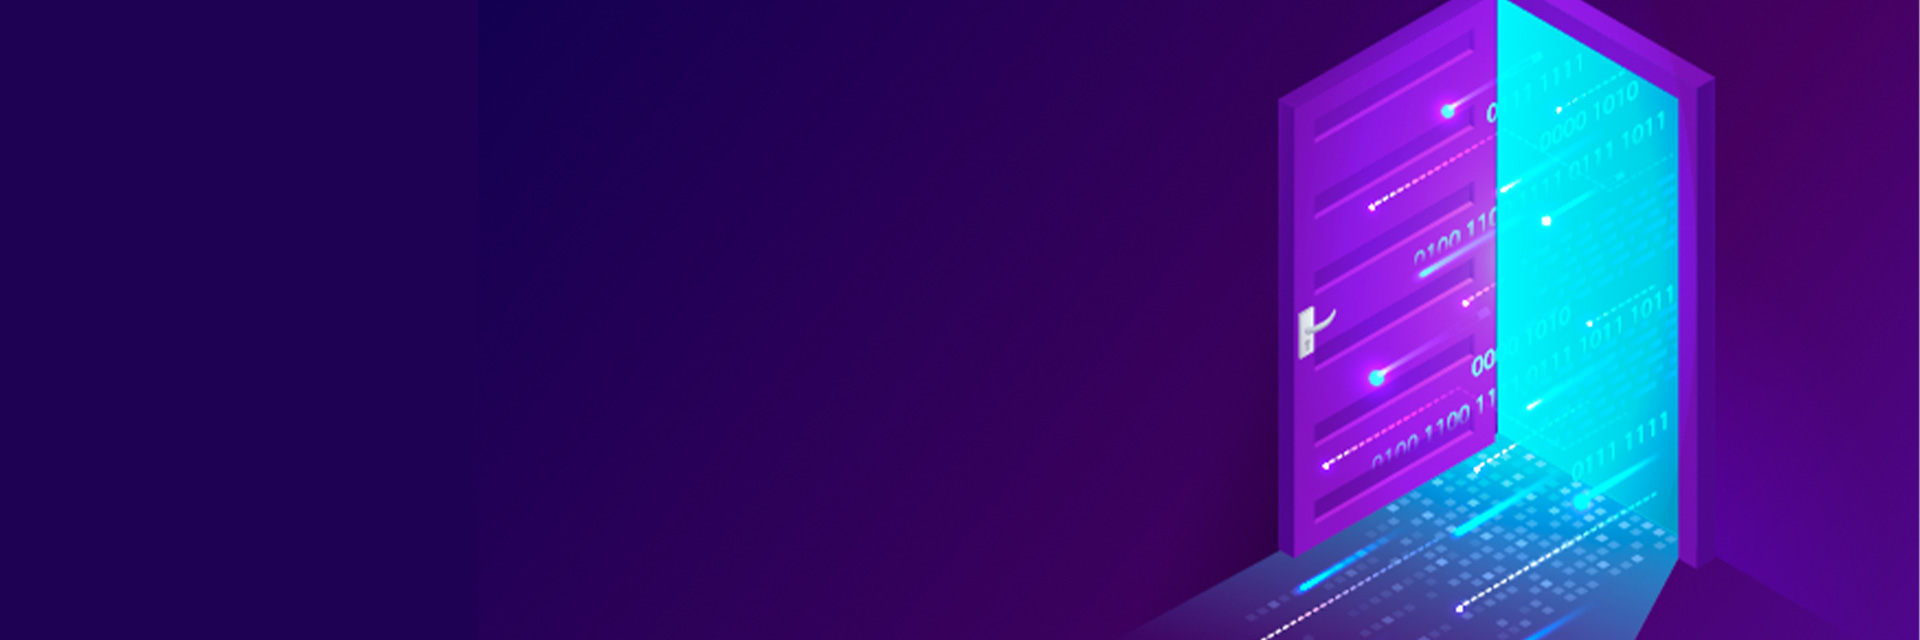 Сбербанк обновил свое приложение новыми опциями